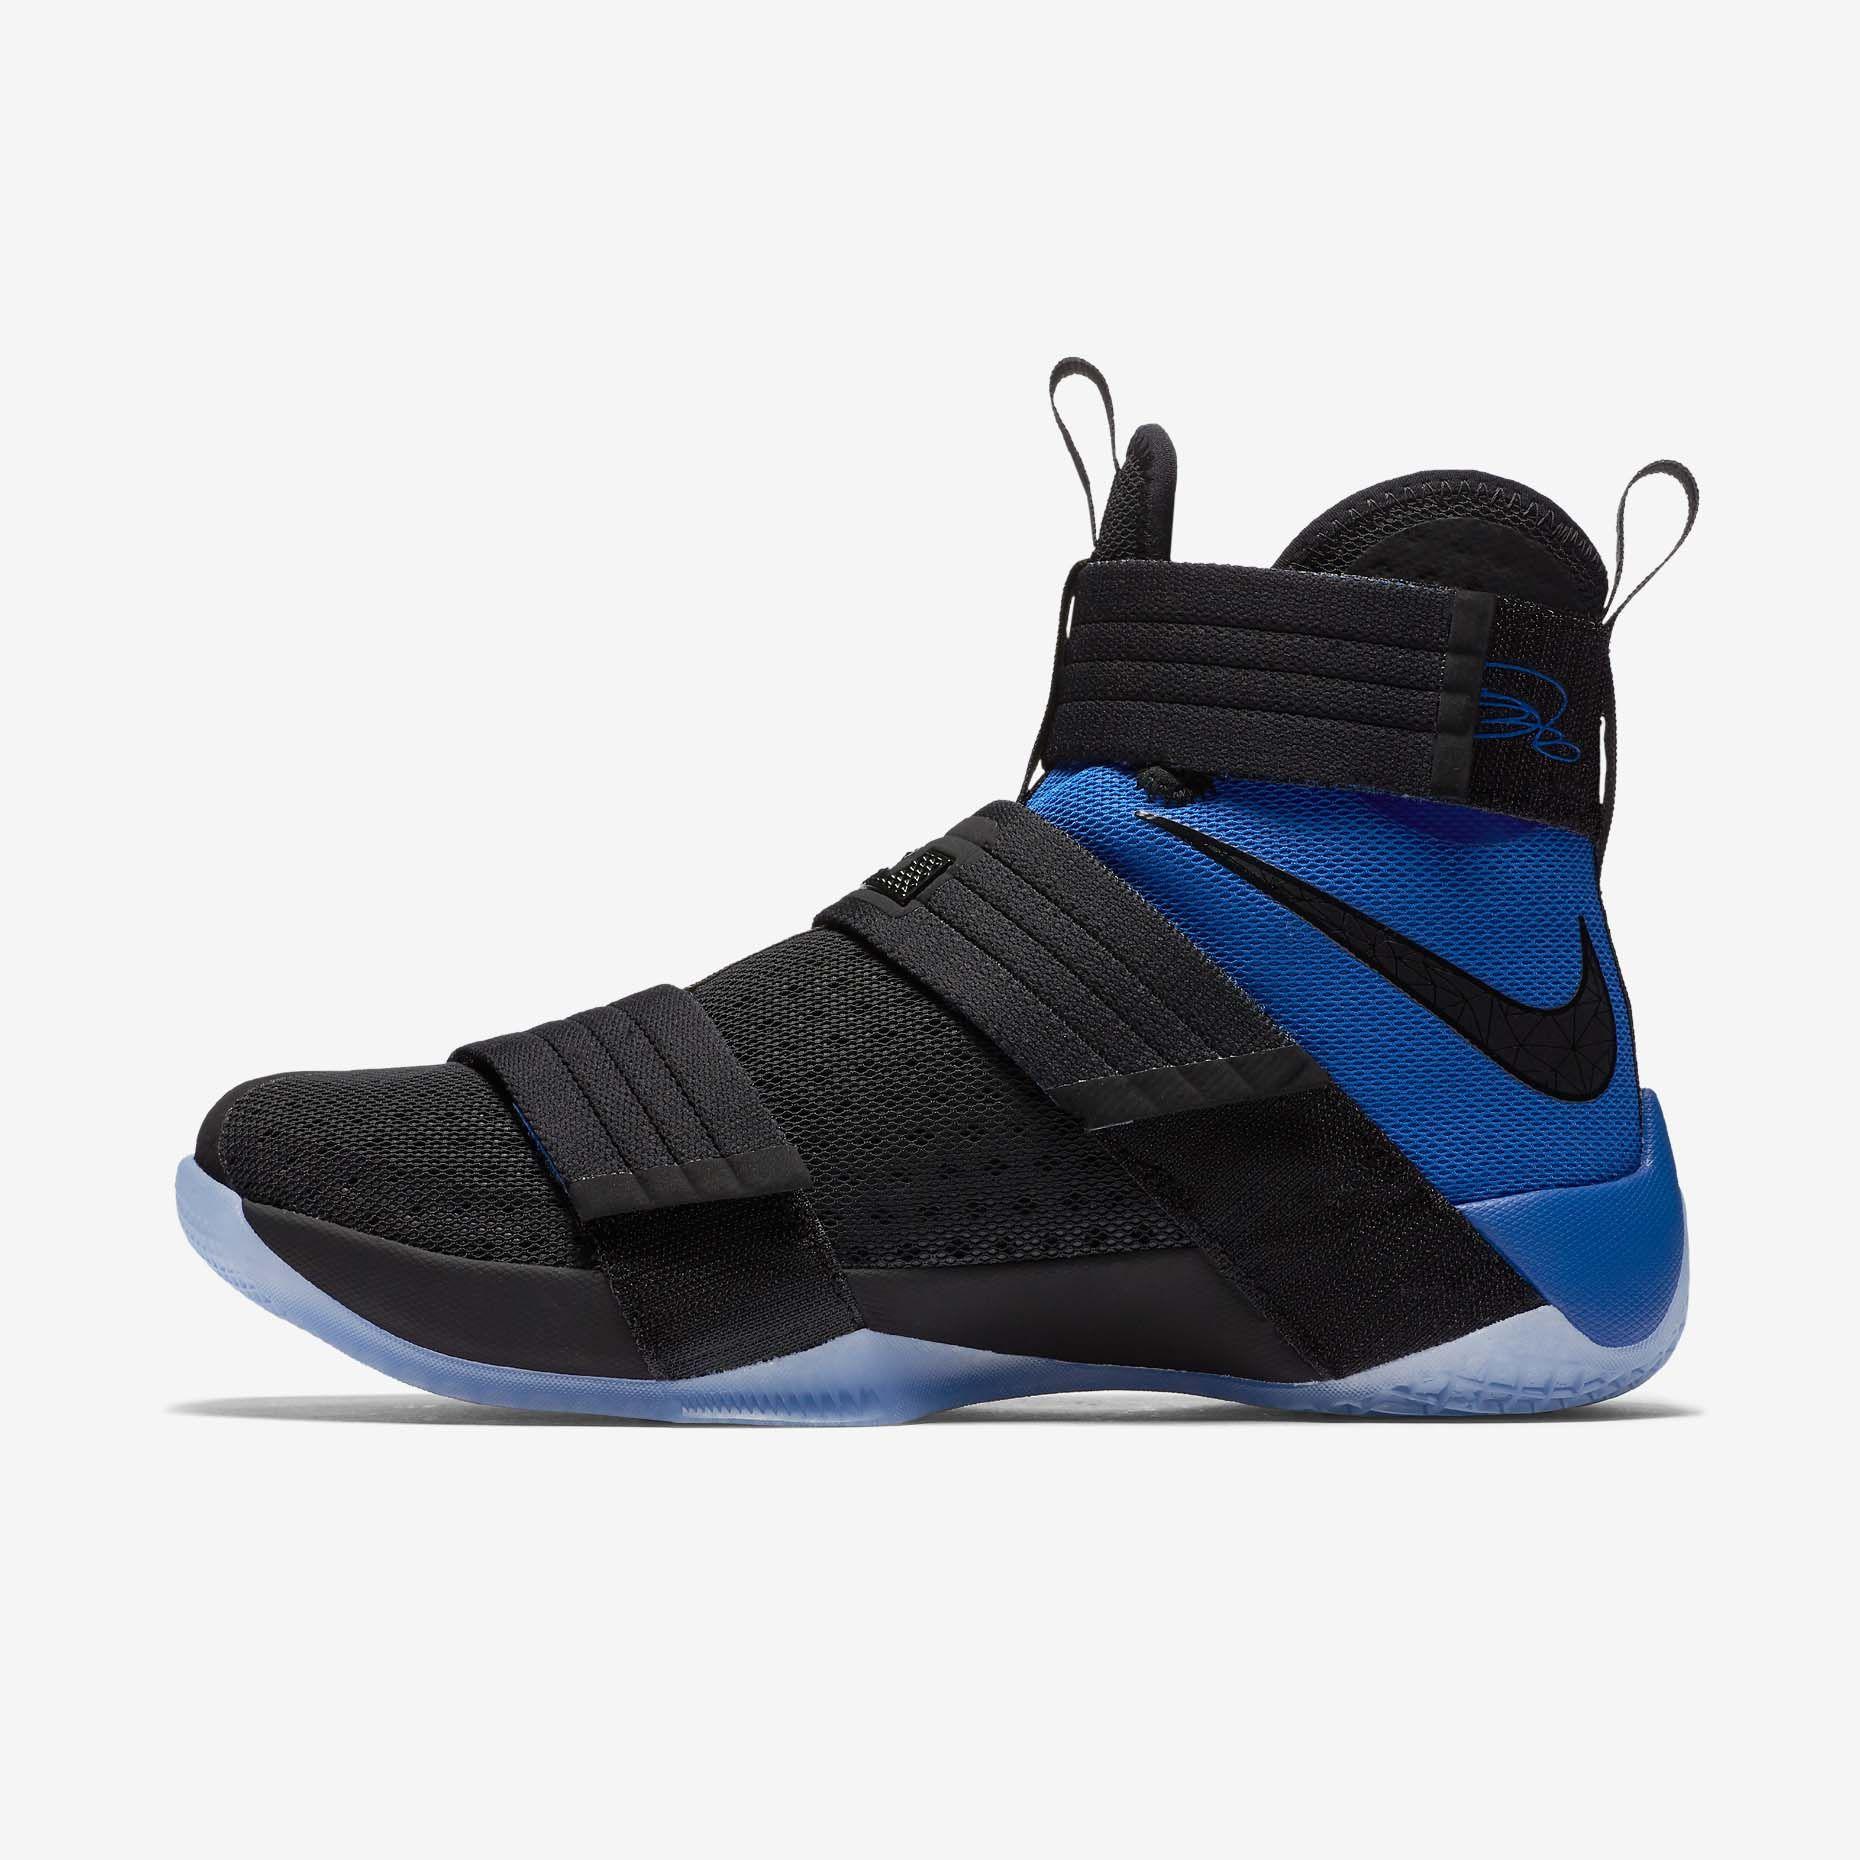 be4ae8ba155 Кроссовки для баскетбола Nike LEBRON SOLDIER 10 SFG